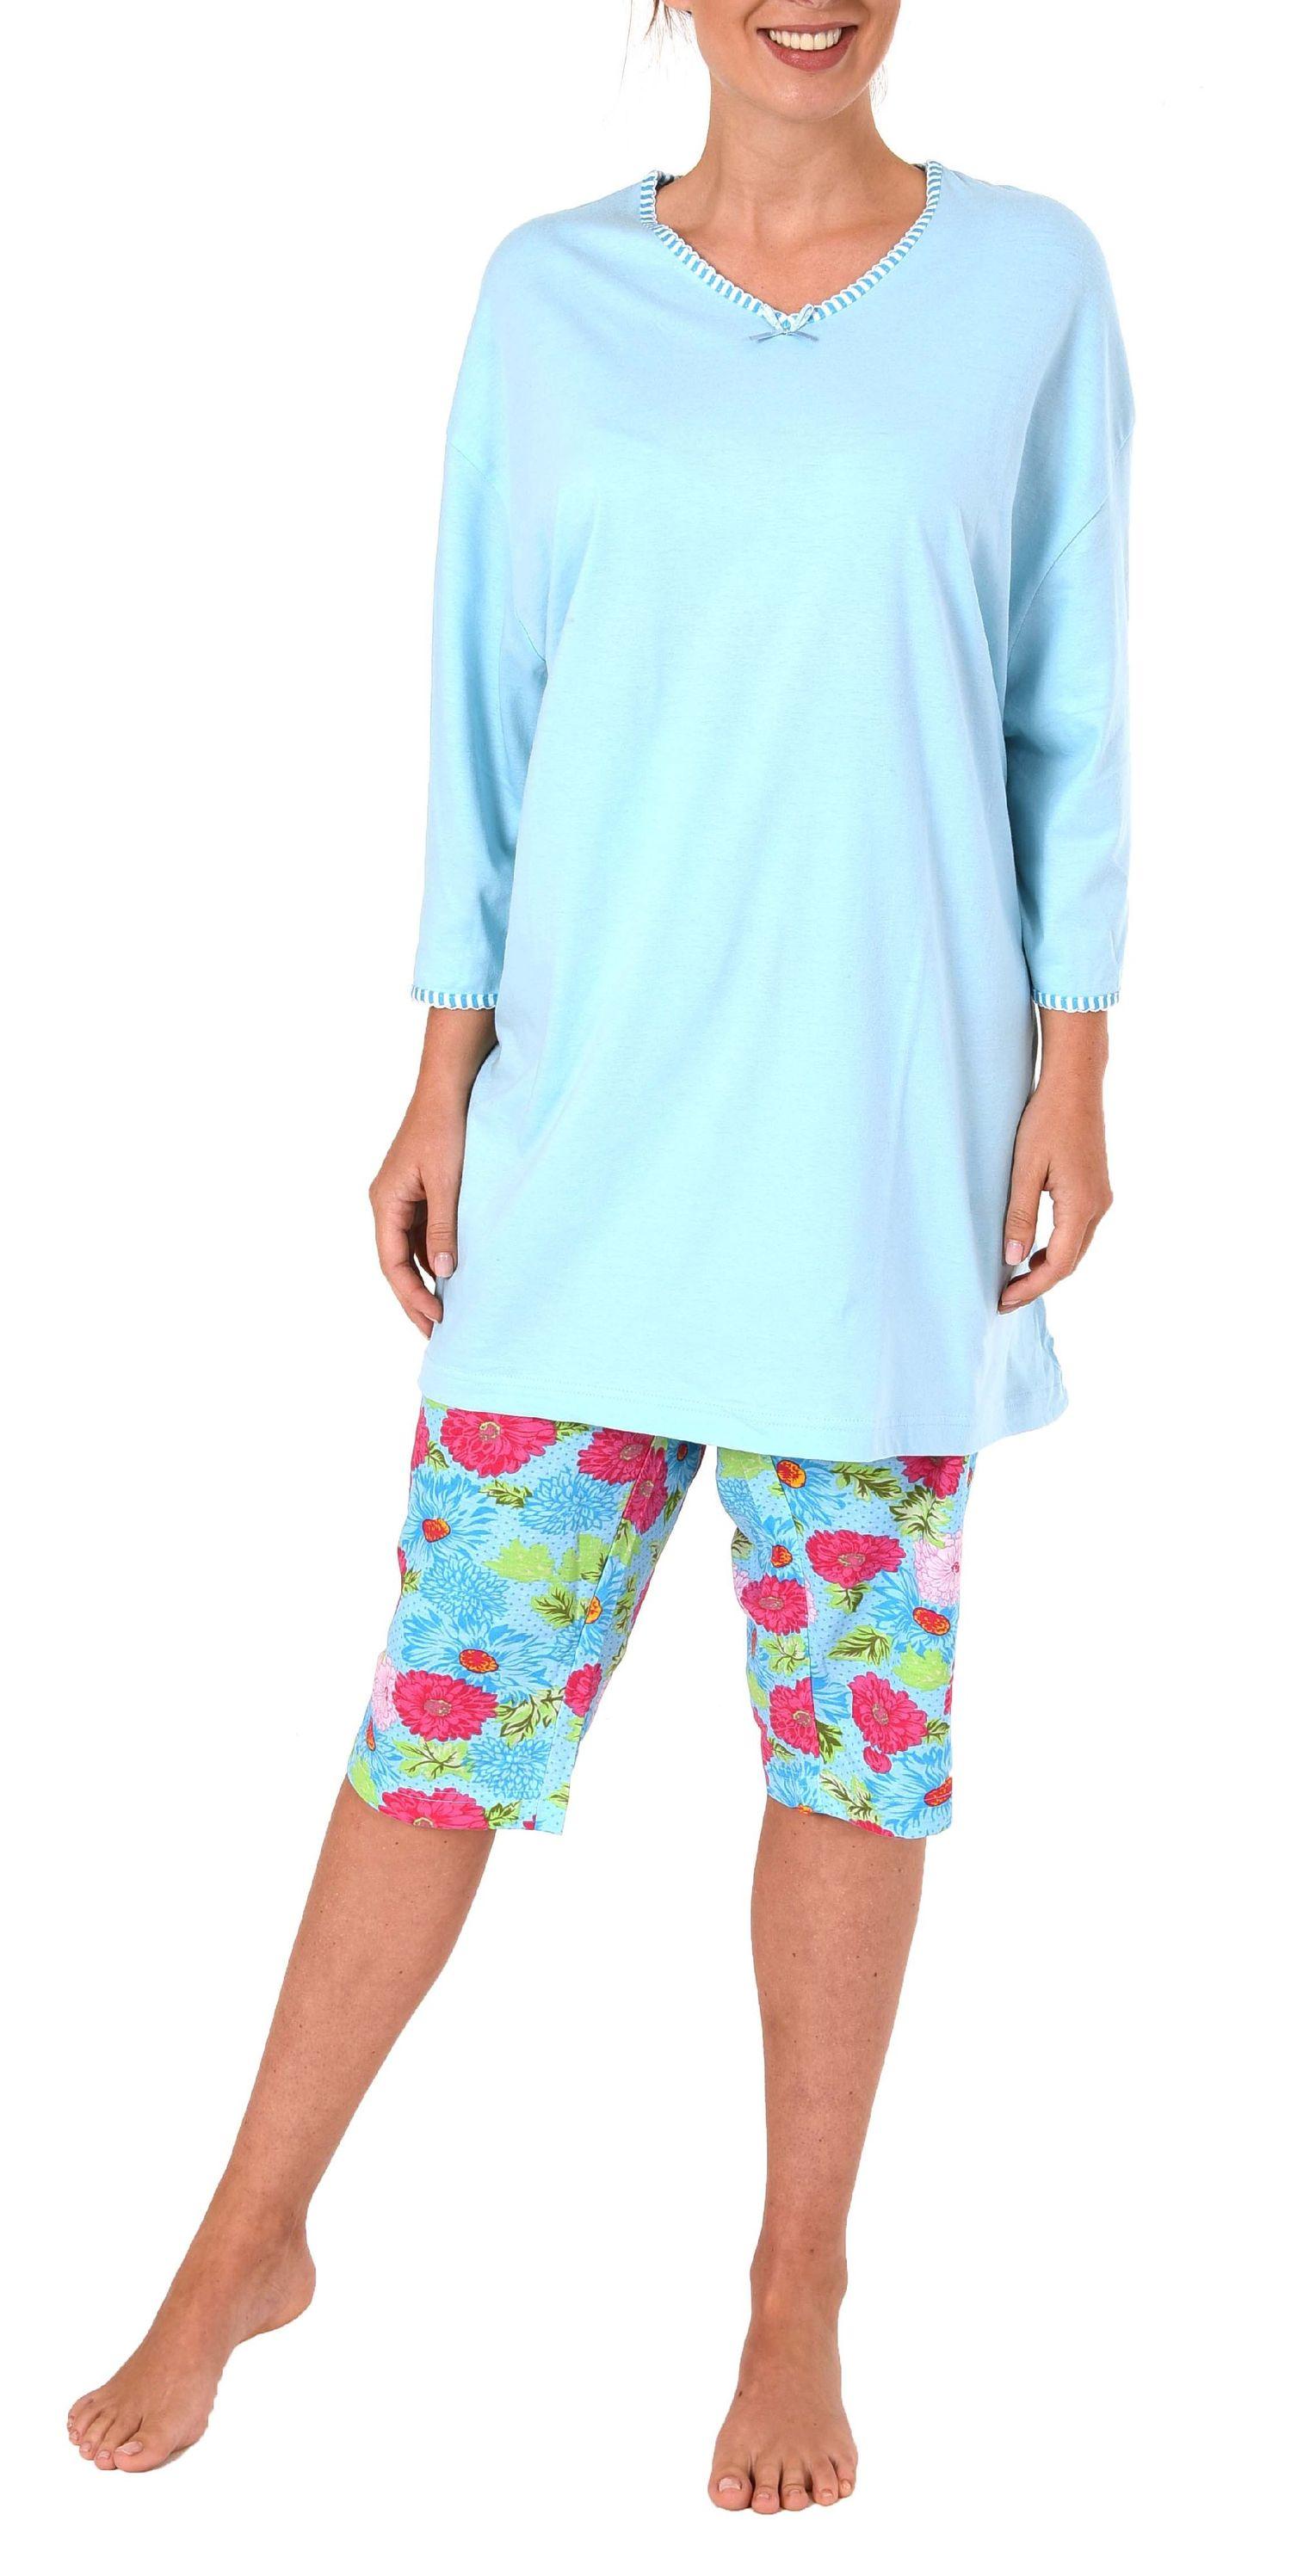 Damen Capri Pyjama kurzarm Schlafanzug, Übergröße - 52511 – Bild 2